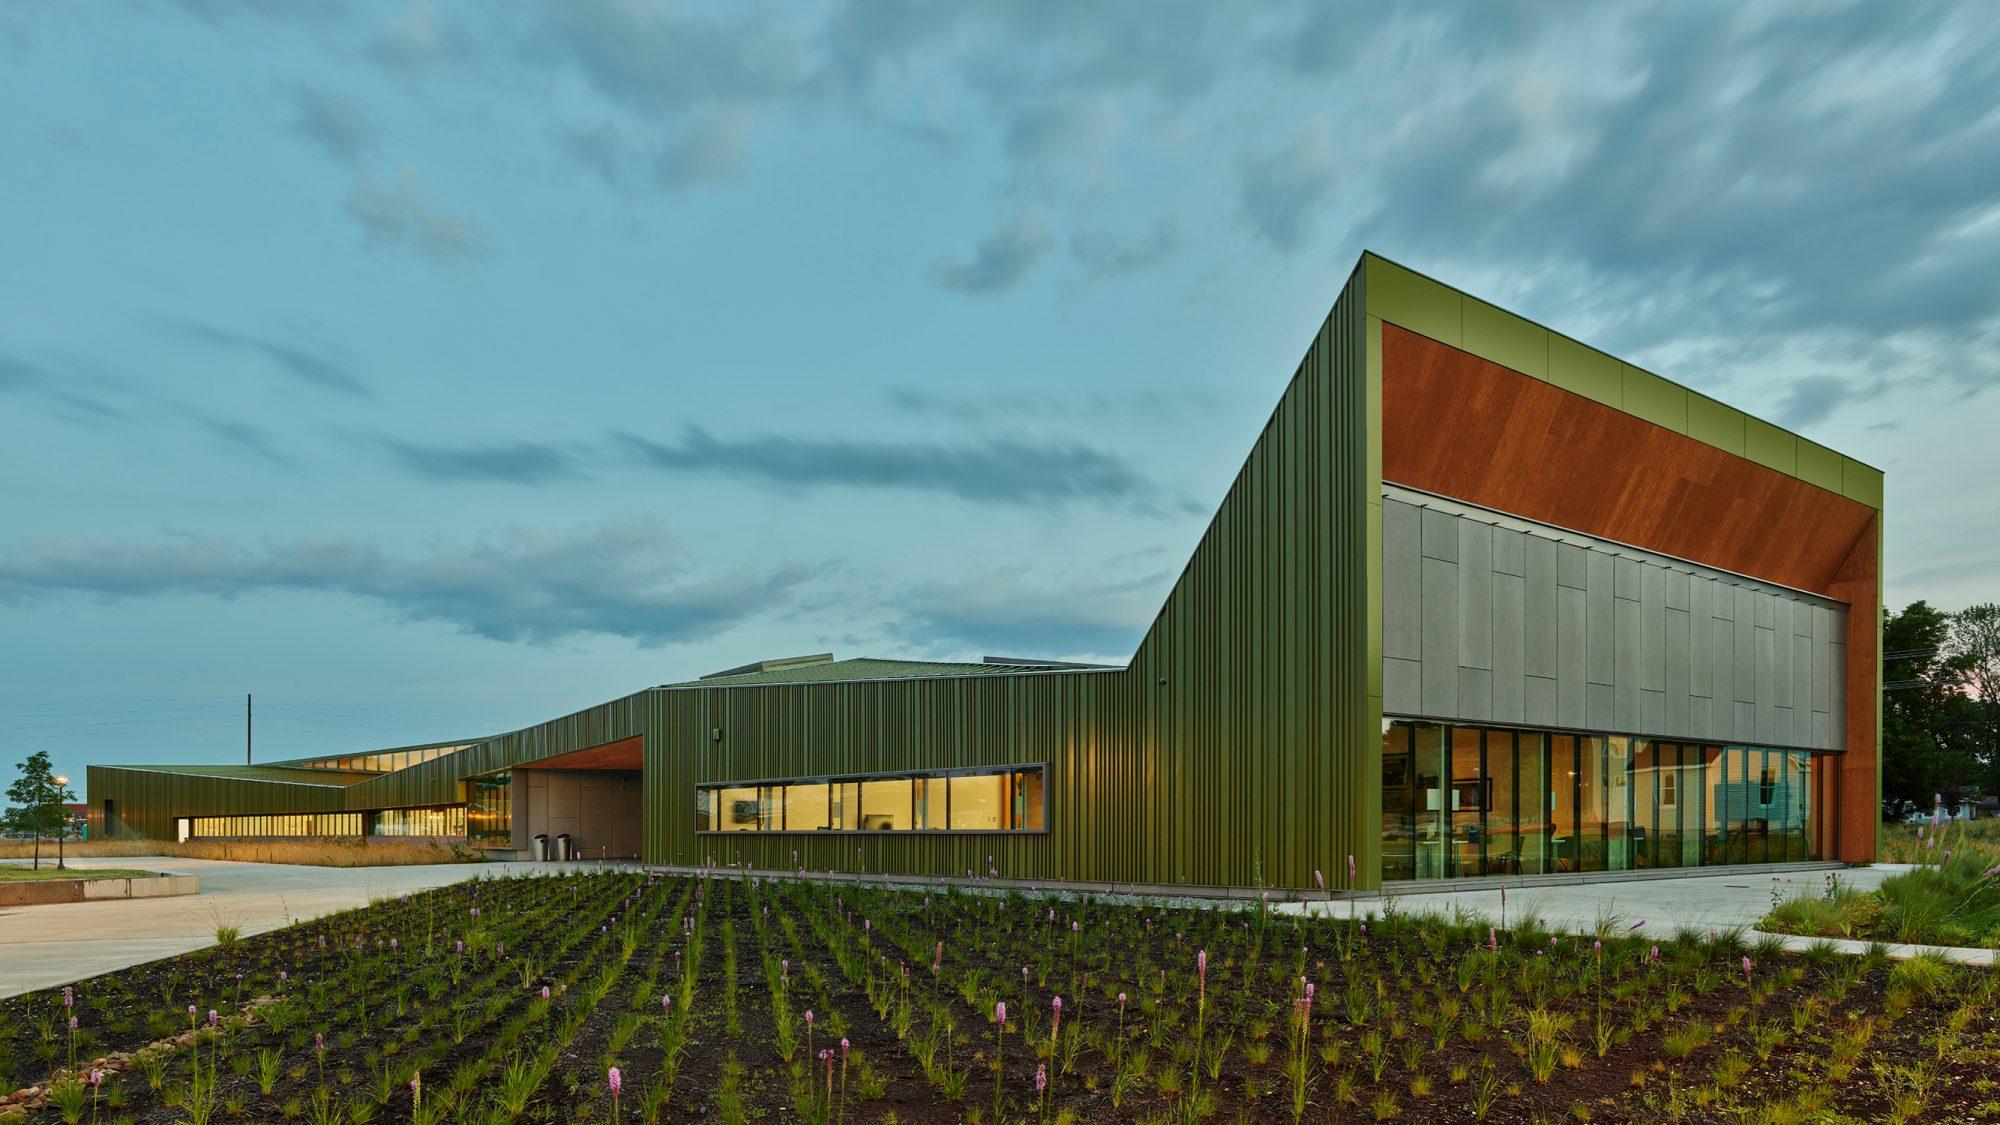 The Thaden School Reels Building